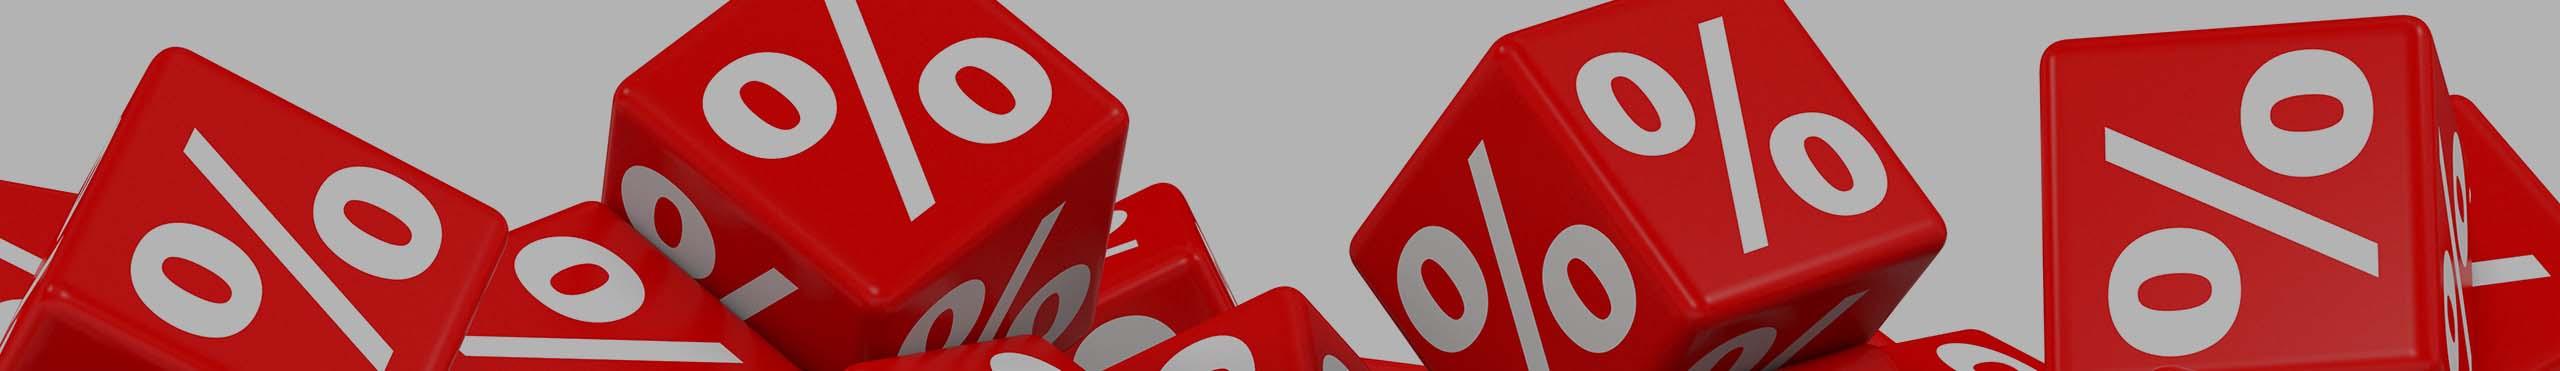 Immobilier : dernière chance pour profiter de notre offre exclusive de SCPI à crédit !